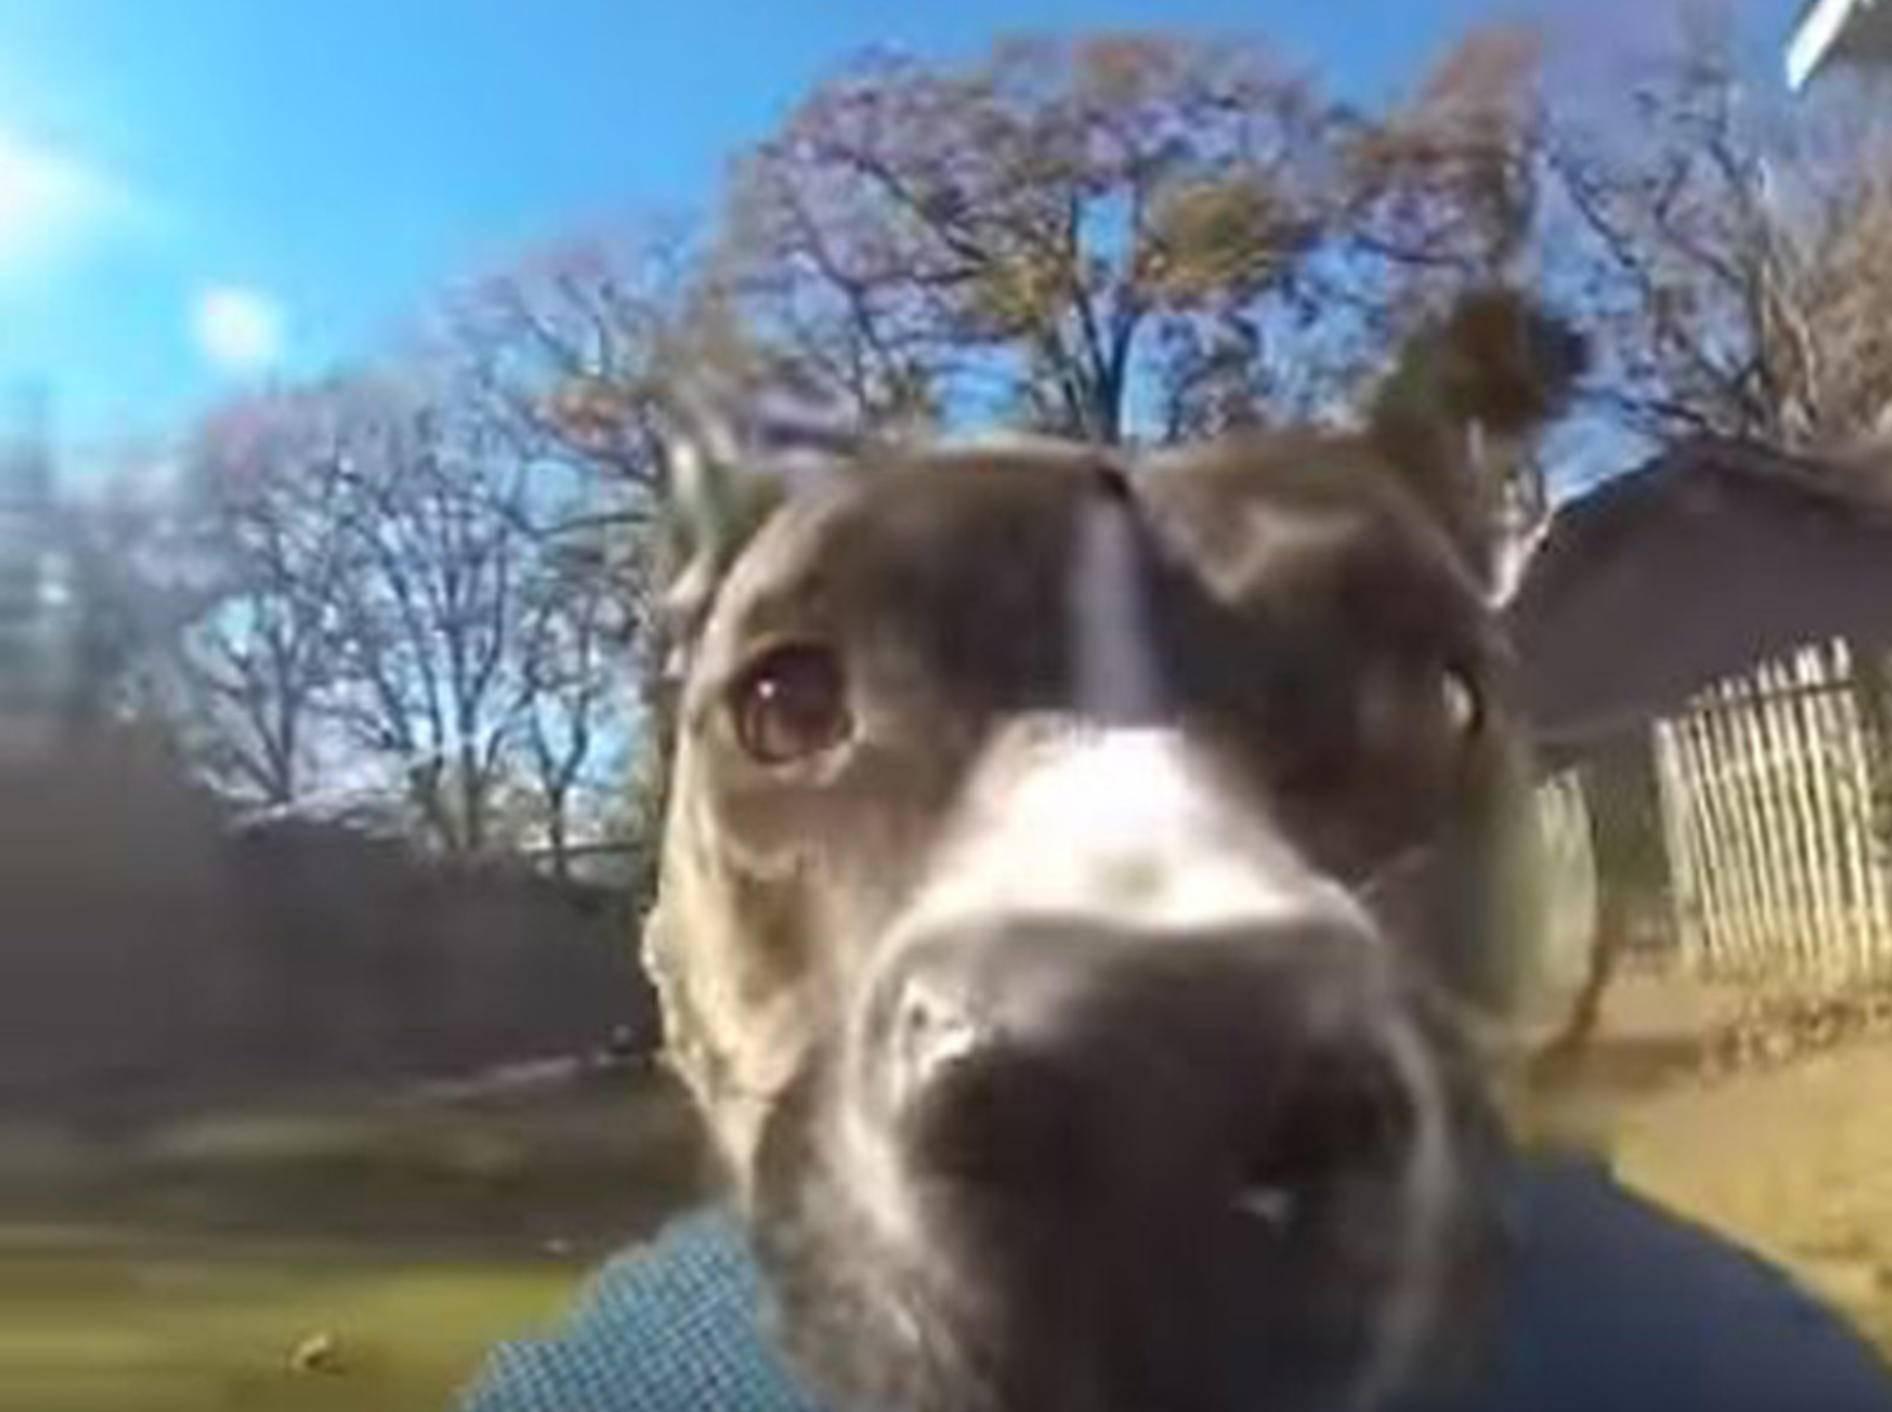 Hundedame Bonnie hat sich die GoPro ihres Besitzers gemopst - Bild: YouTube / RM Videos